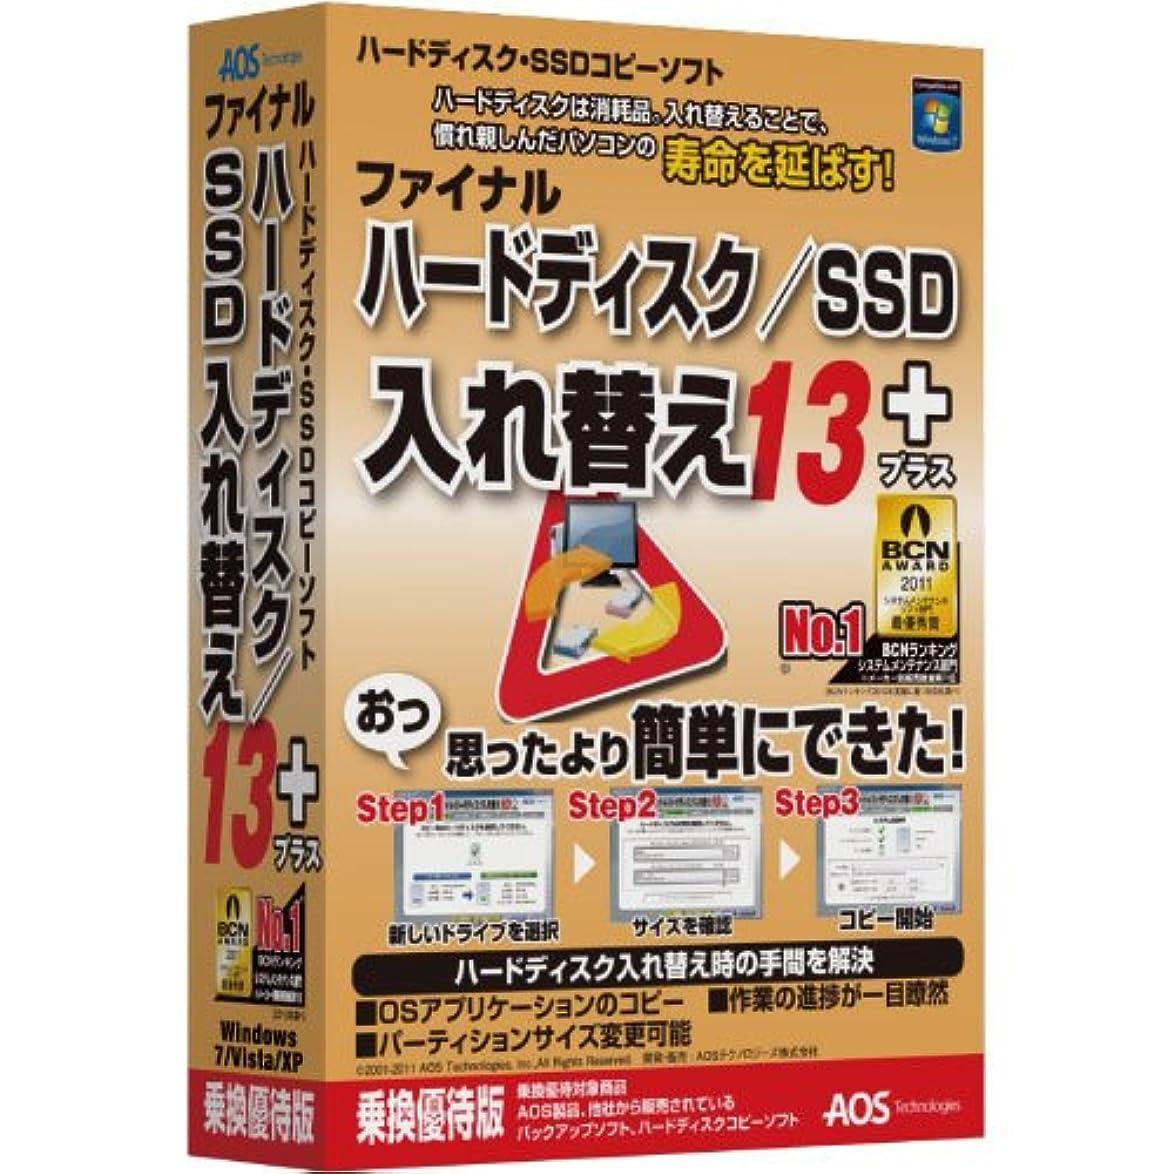 サイズ別に空中【旧商品】ファイナルハードディスク/SSD入れ替え13plus乗換優待